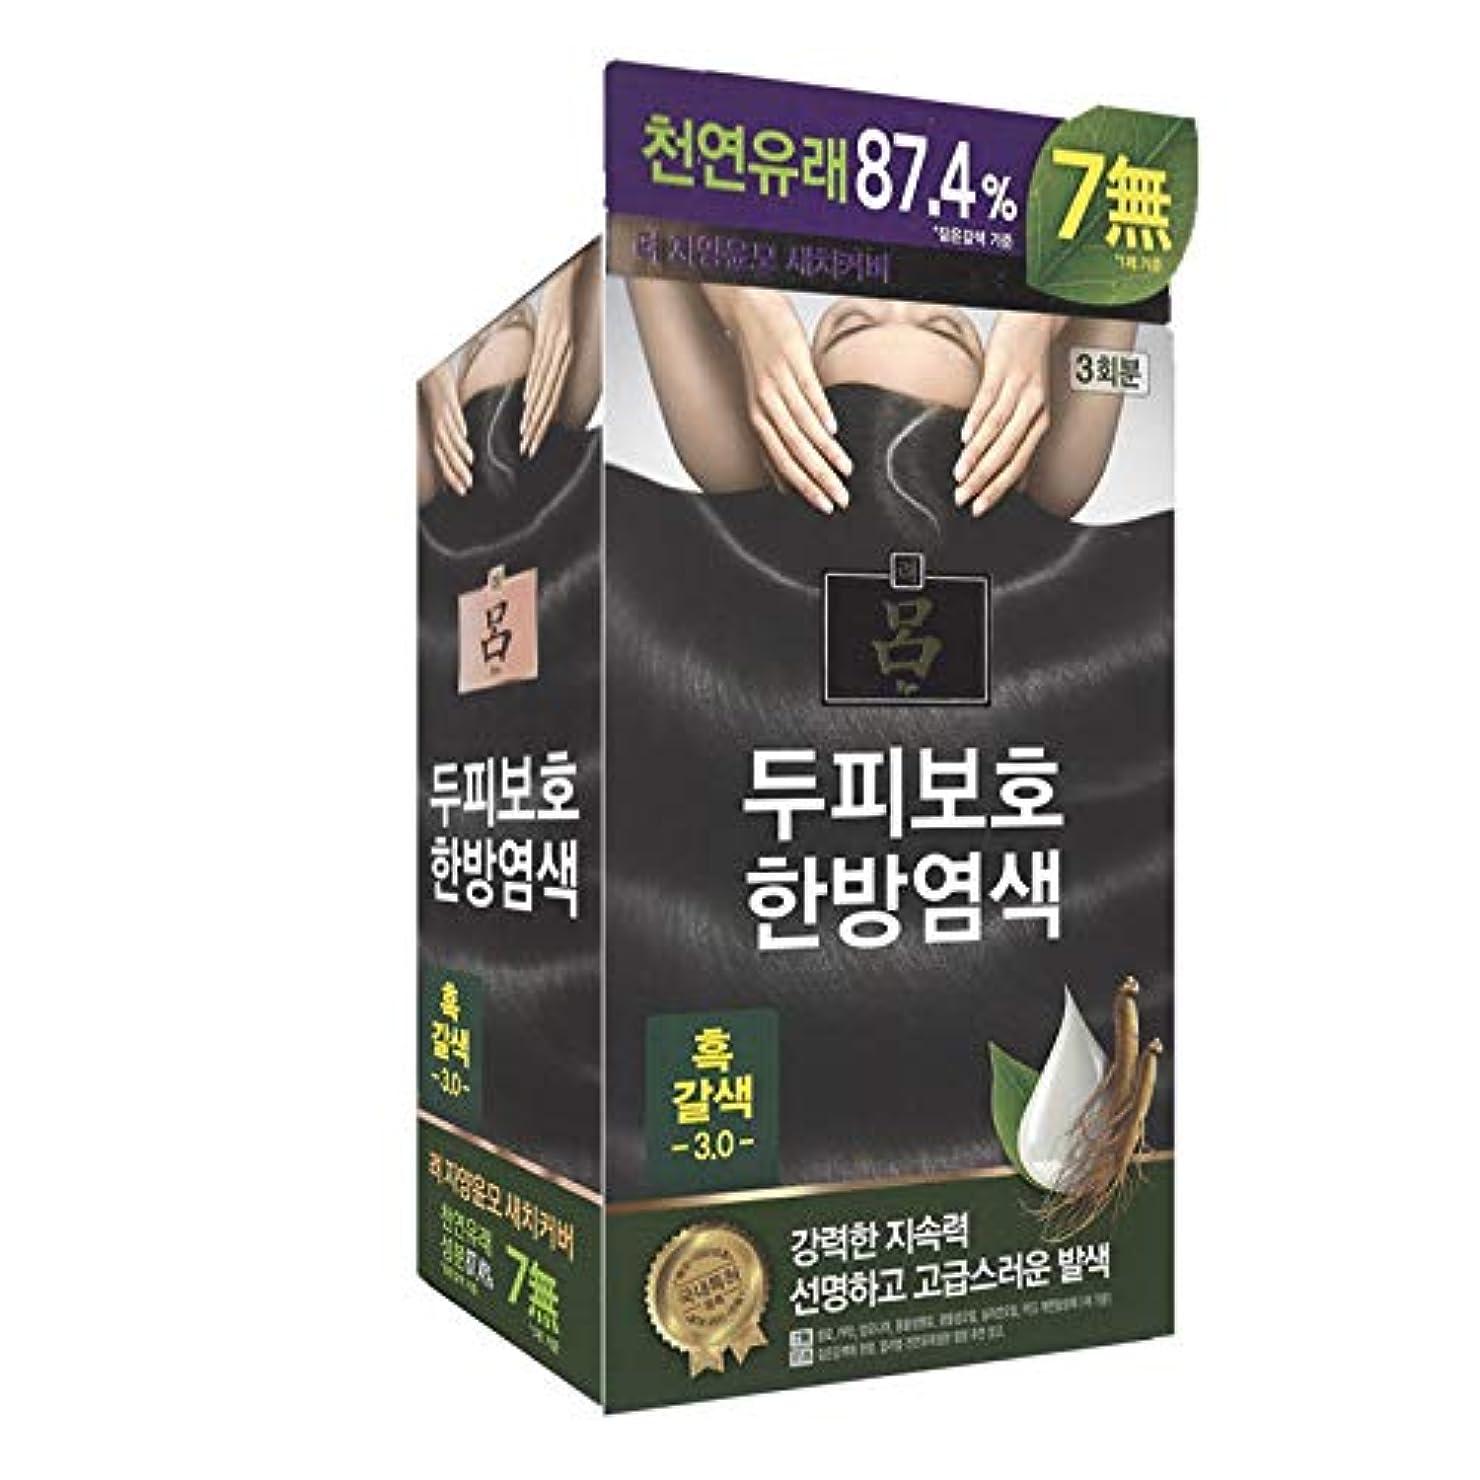 タックル不純肥沃なアモーレパシフィック呂[AMOREPACIFIC/Ryo] Jayang Yunmoグレーヘアカバー 3.0 黒褐色(Blackish Brown)